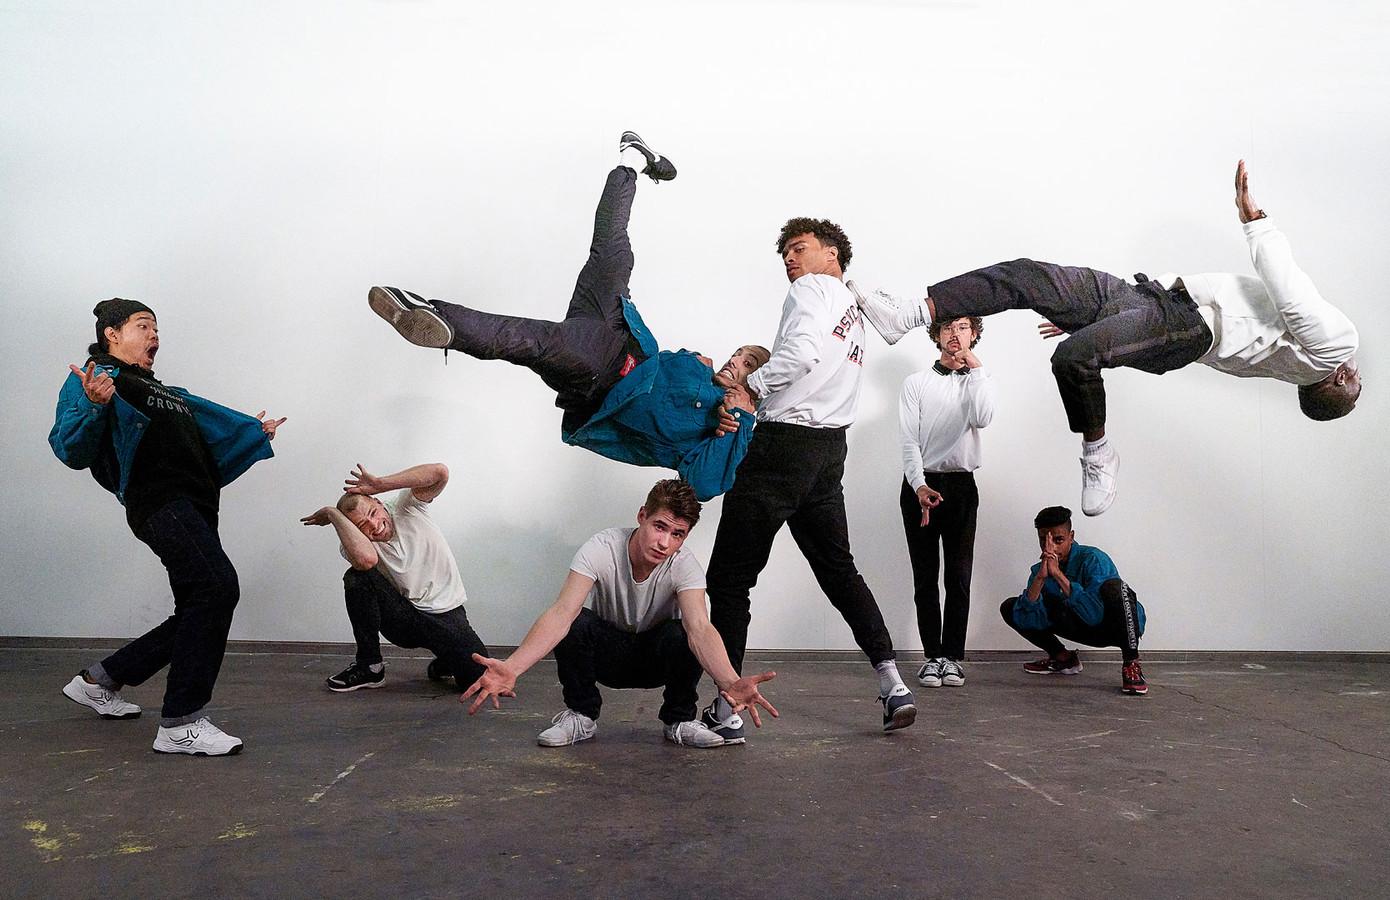 The Ruggeds (vlnr): Duzk, Jazzy Gypz, Niek, Leelou, Skychief, Tawfiq, Stepper en Roy.